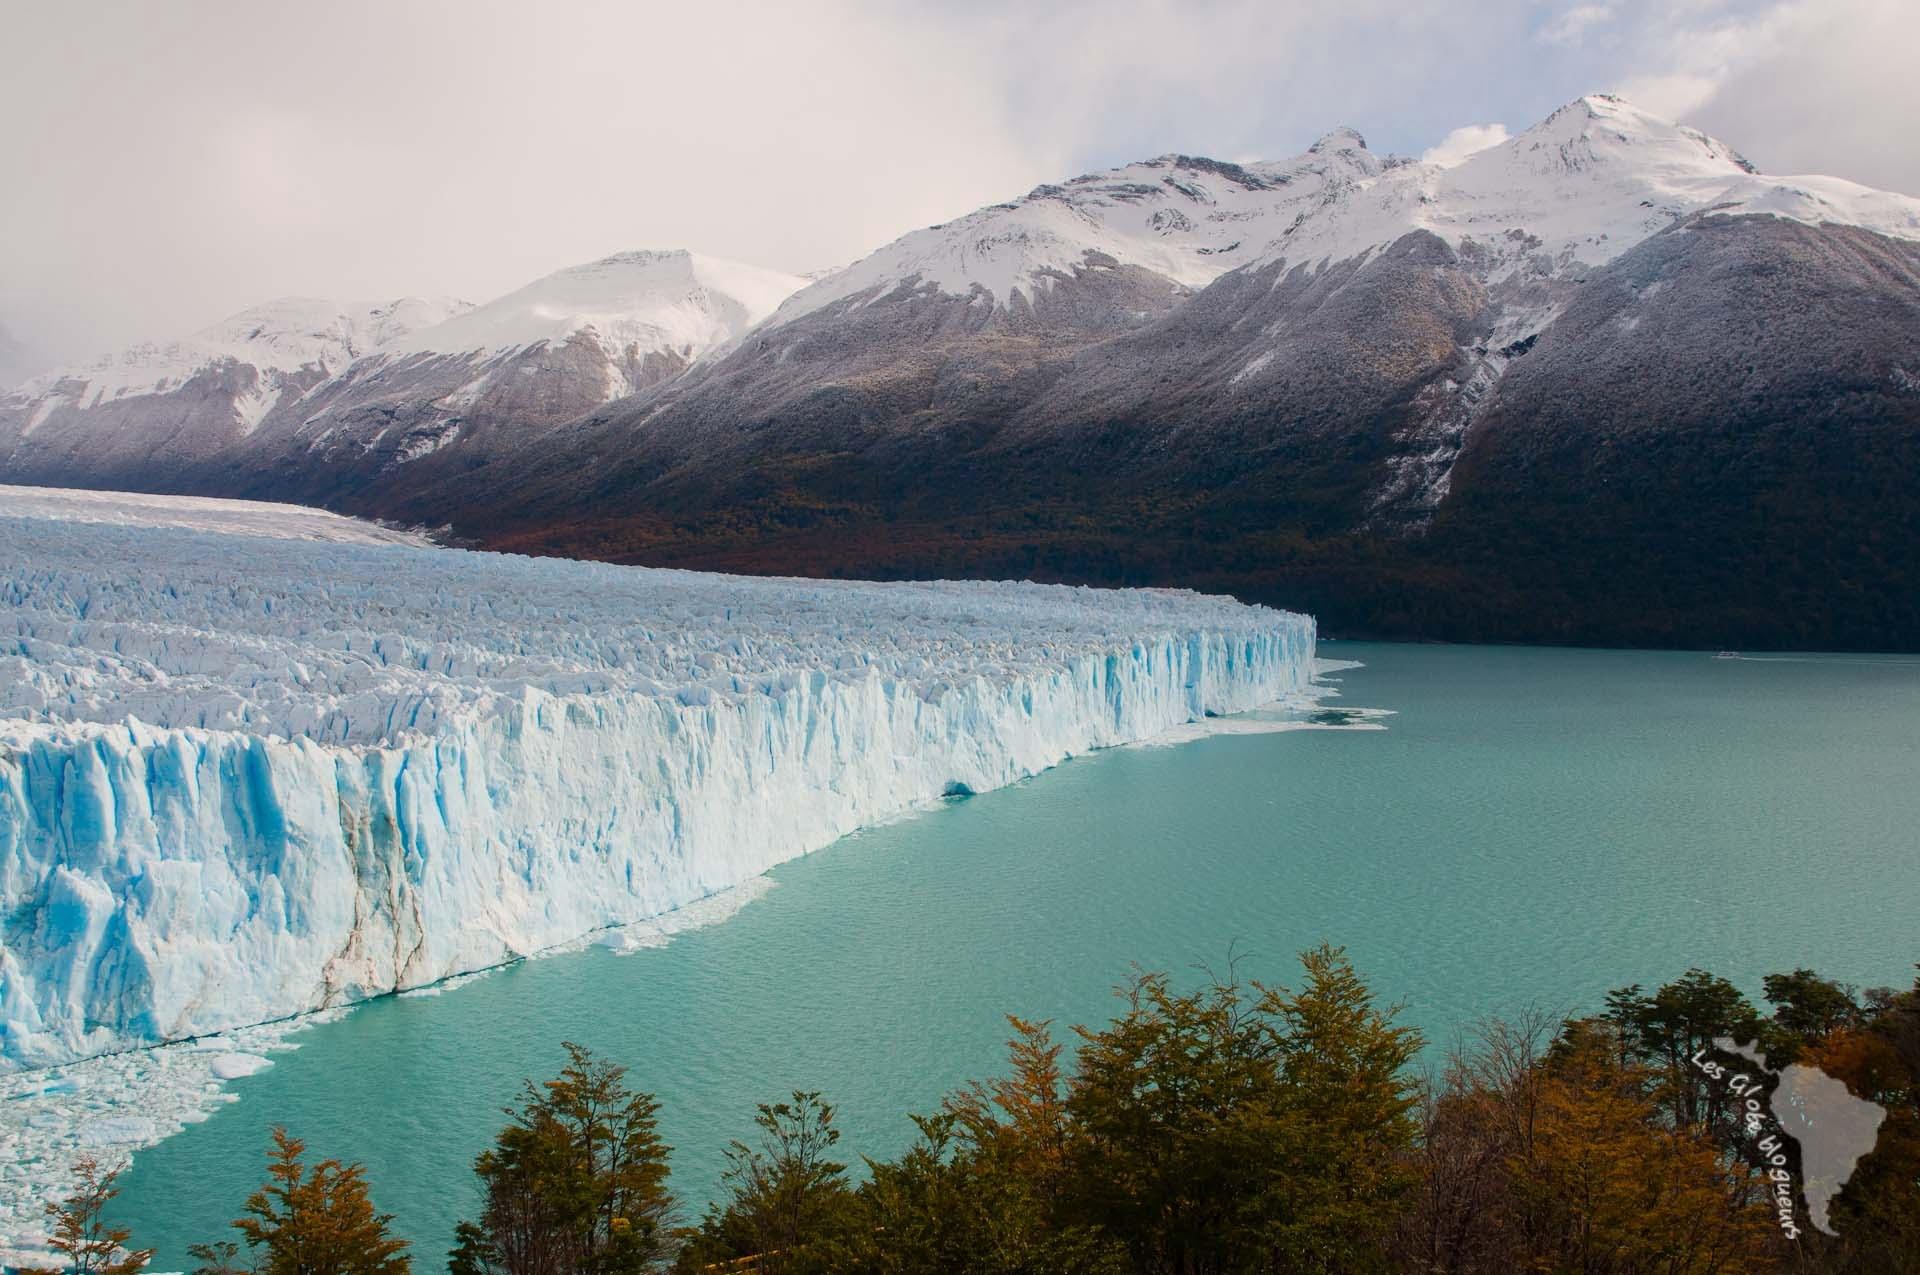 Visite du glacier Perito Moreno : une excursion aux 50